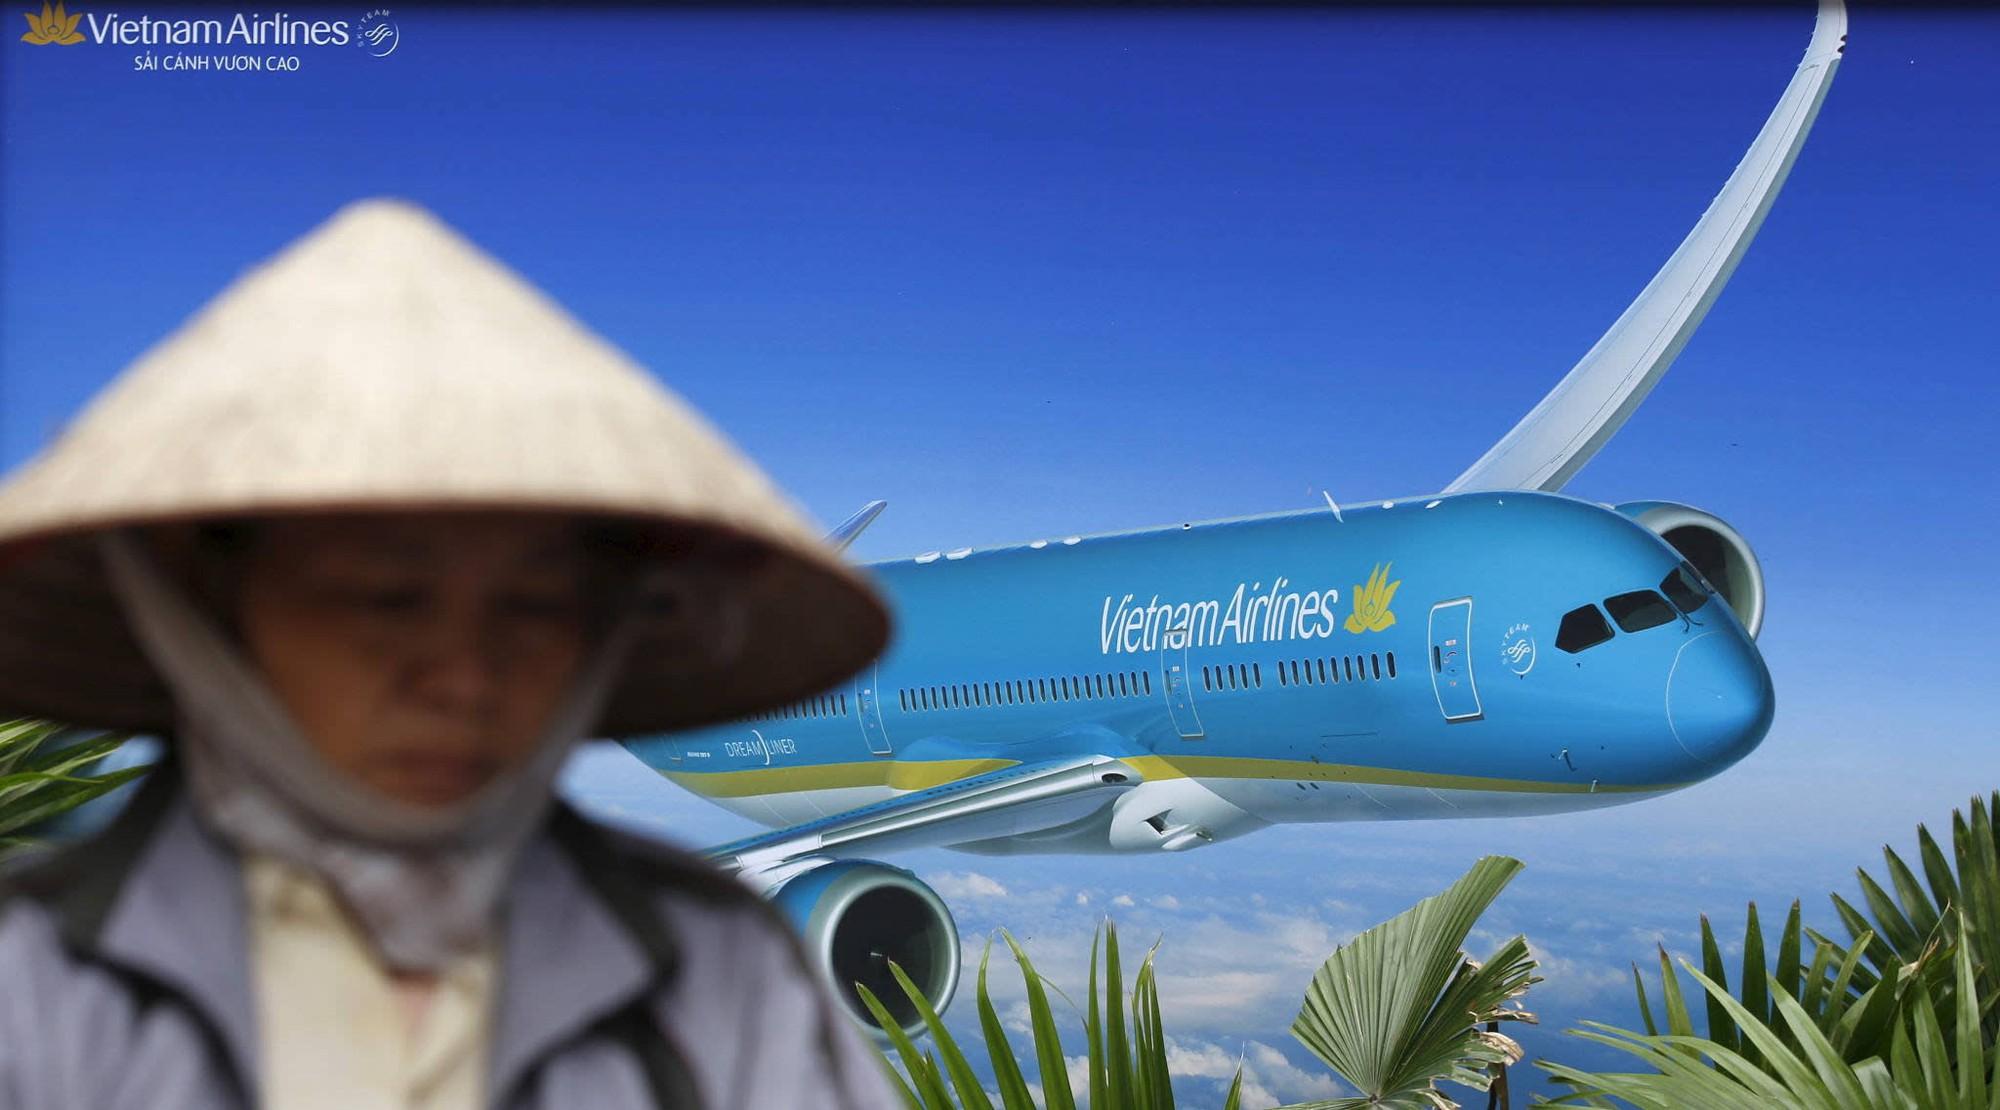 Nikkei: Hàng không Việt Nam có thể bay thẳng đến Mỹ sớm nhất trong năm nay  - Ảnh 1.